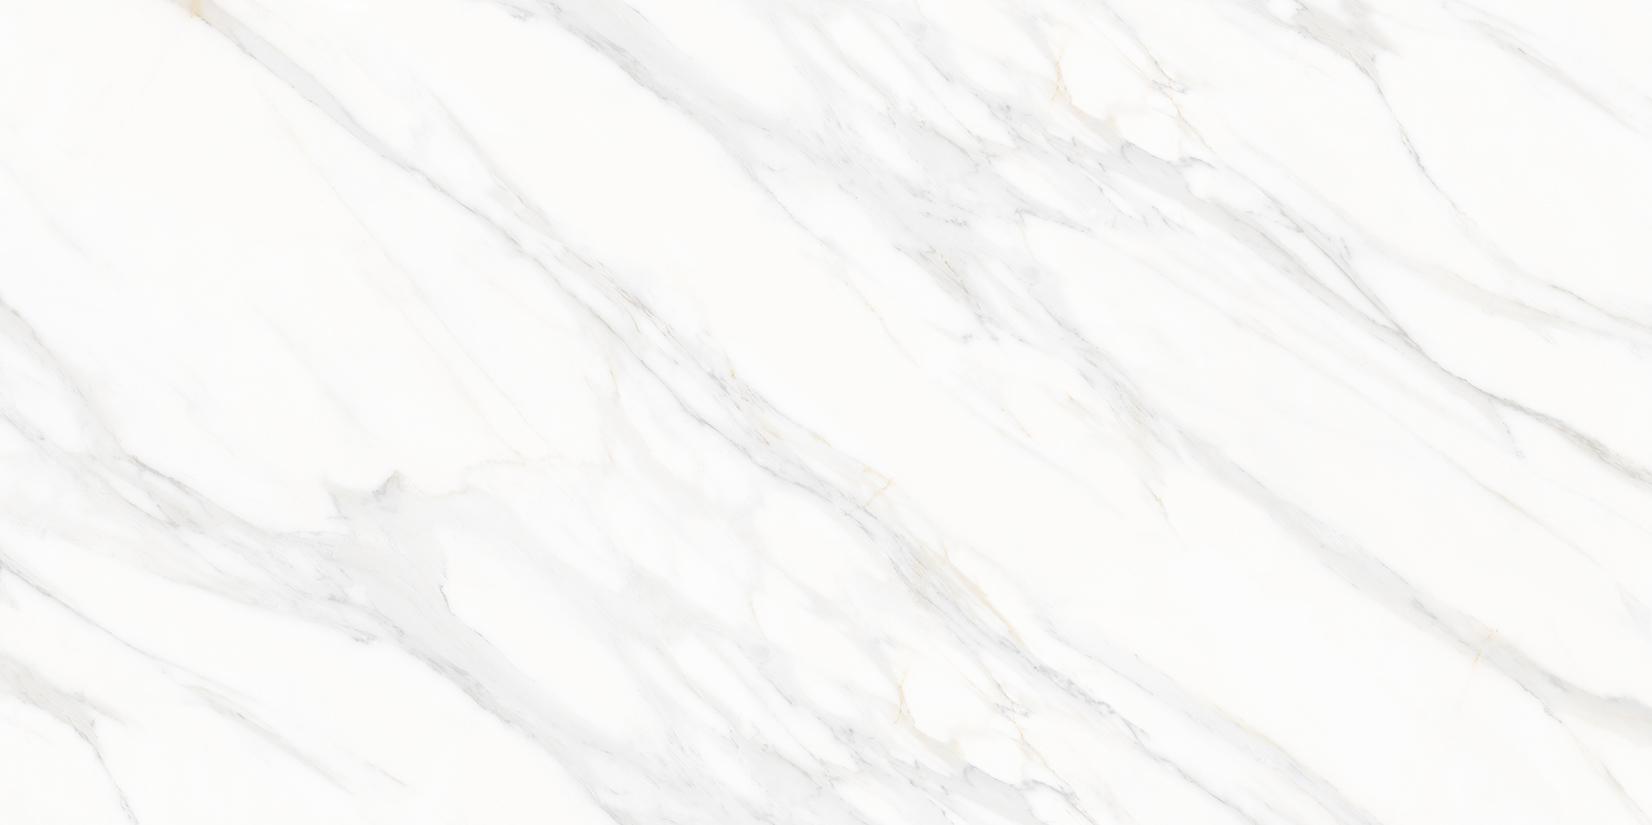 透明釉内墙砖